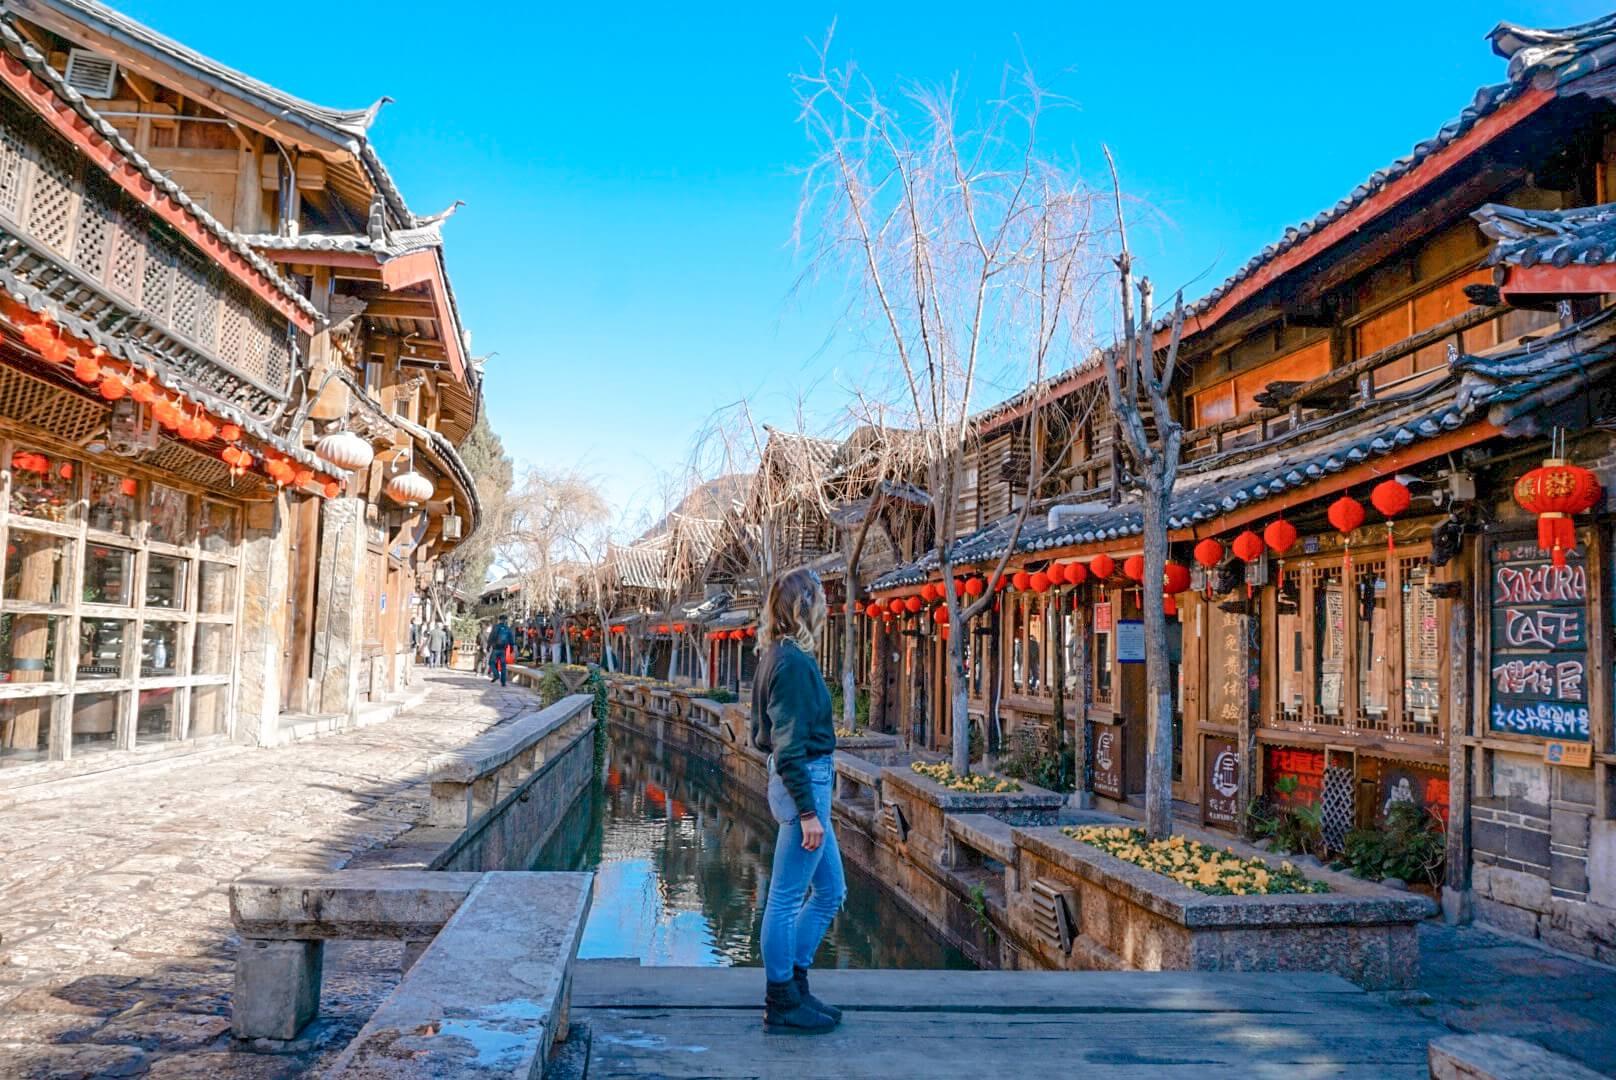 Visiter Lijiang en 2 jours Chine blog voyage